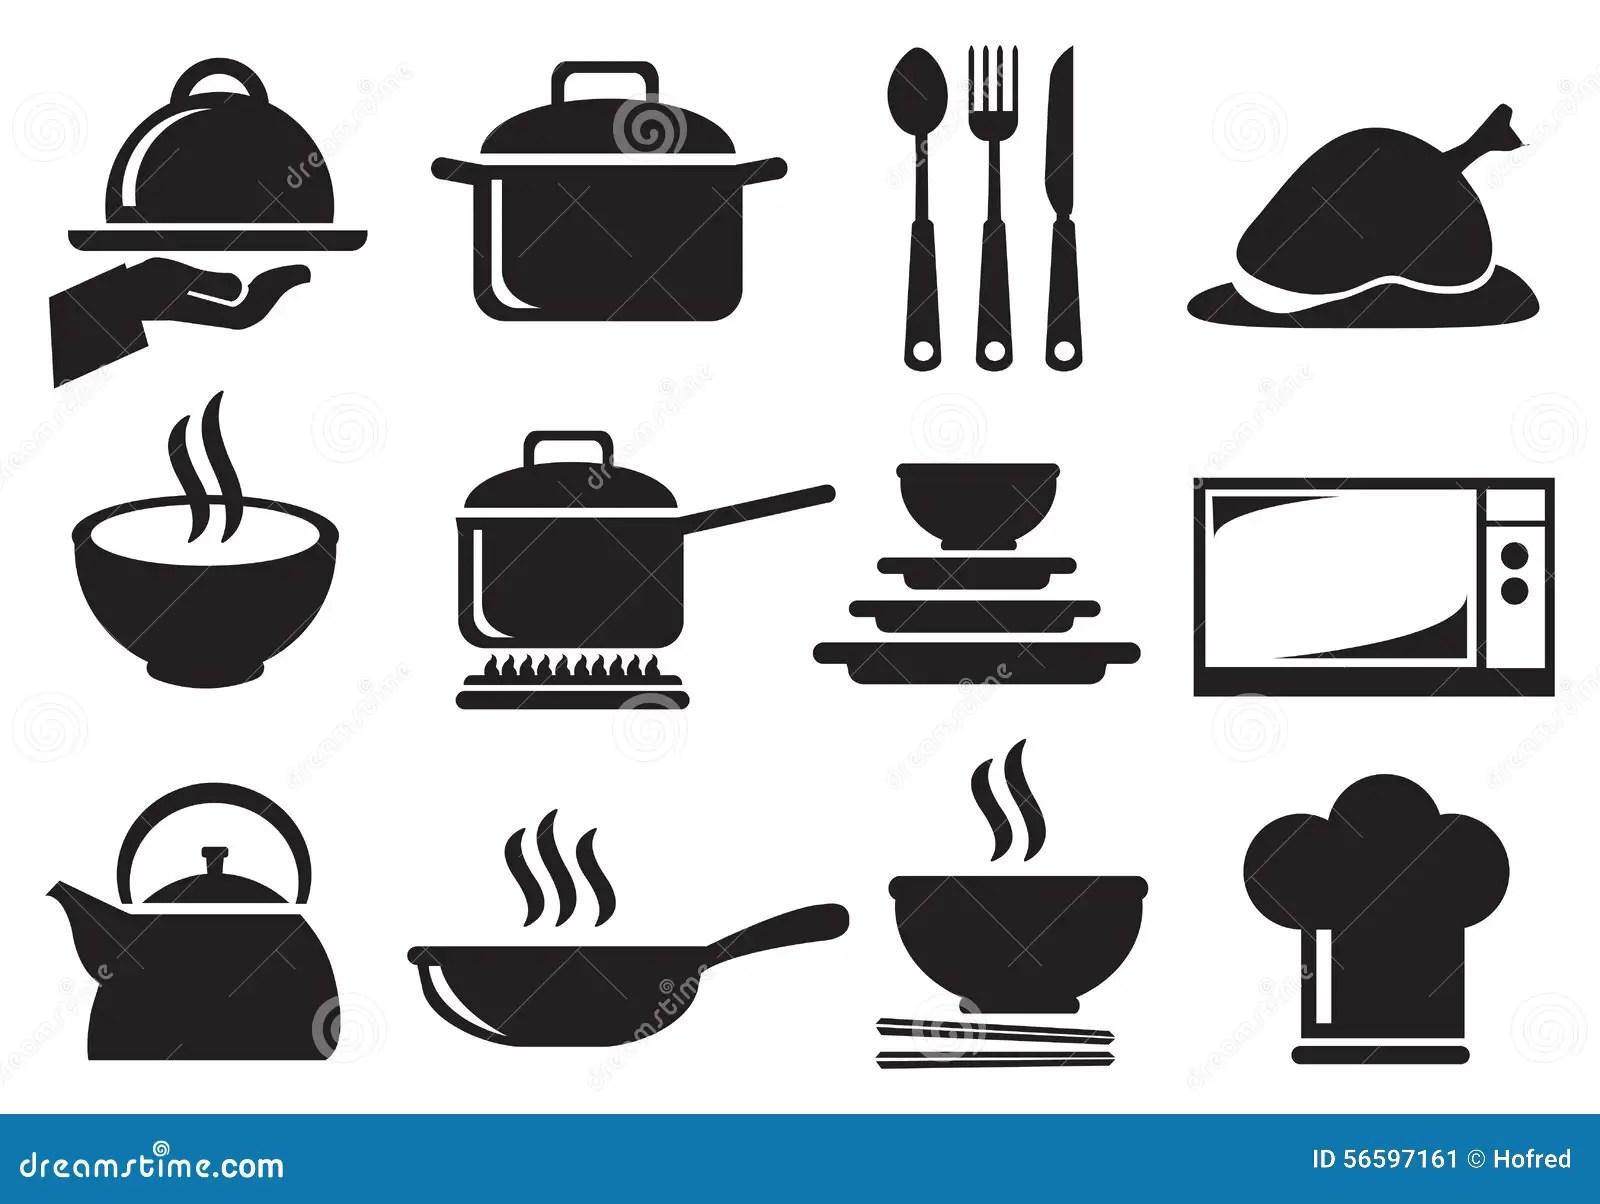 clipart soup